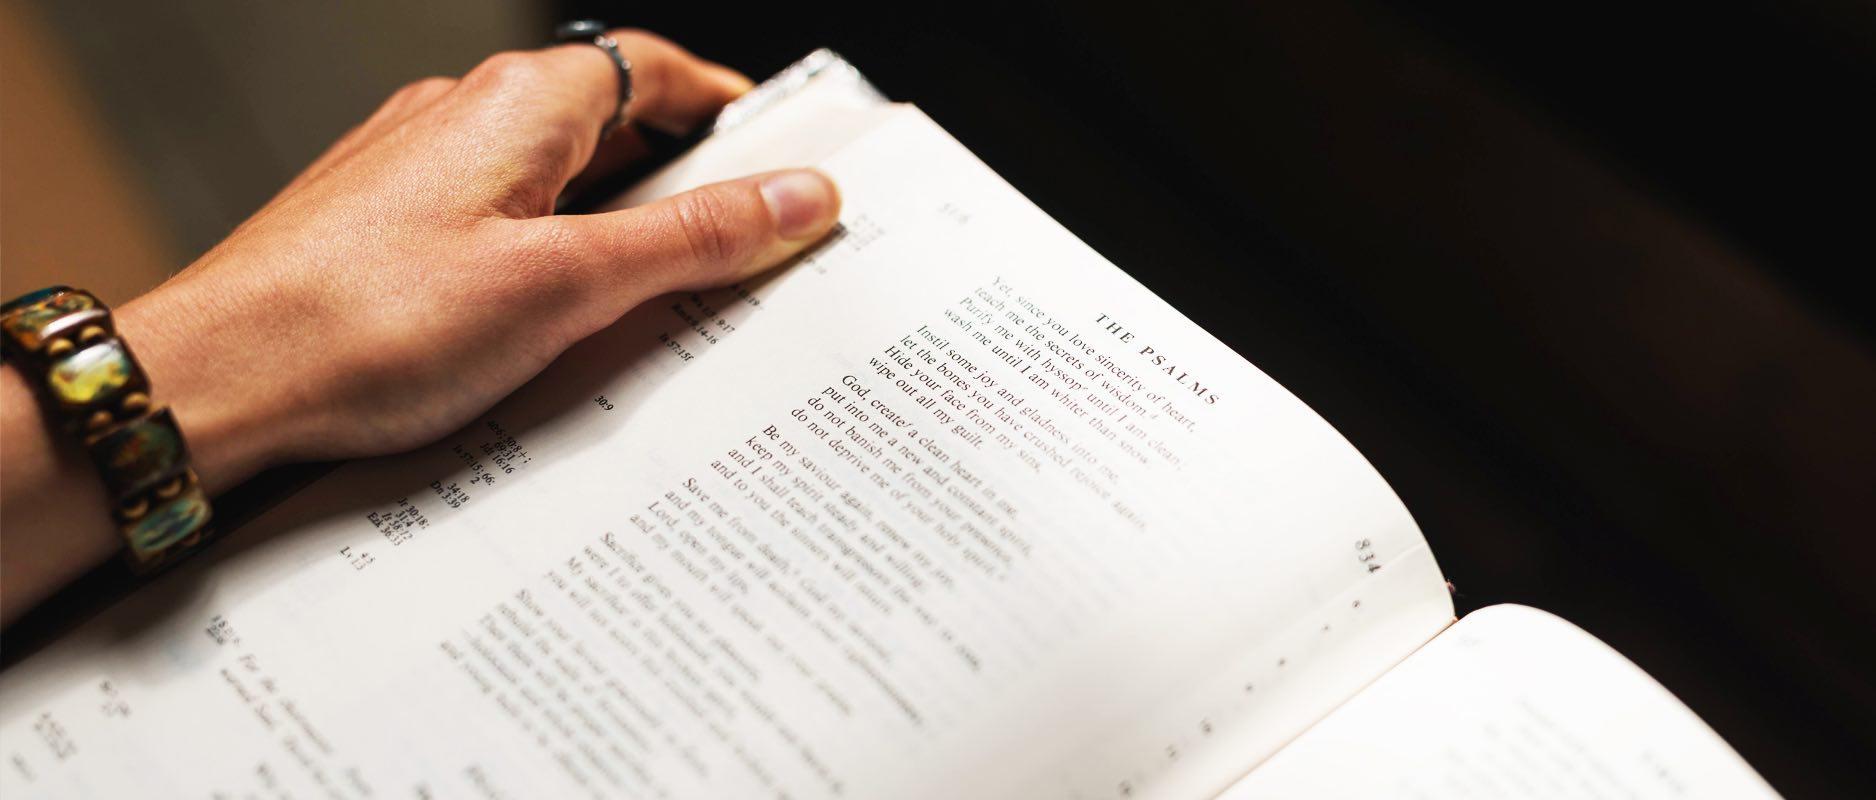 Bijbelleesrooster: de hele Bijbel door in 1,2 of 3 jaar